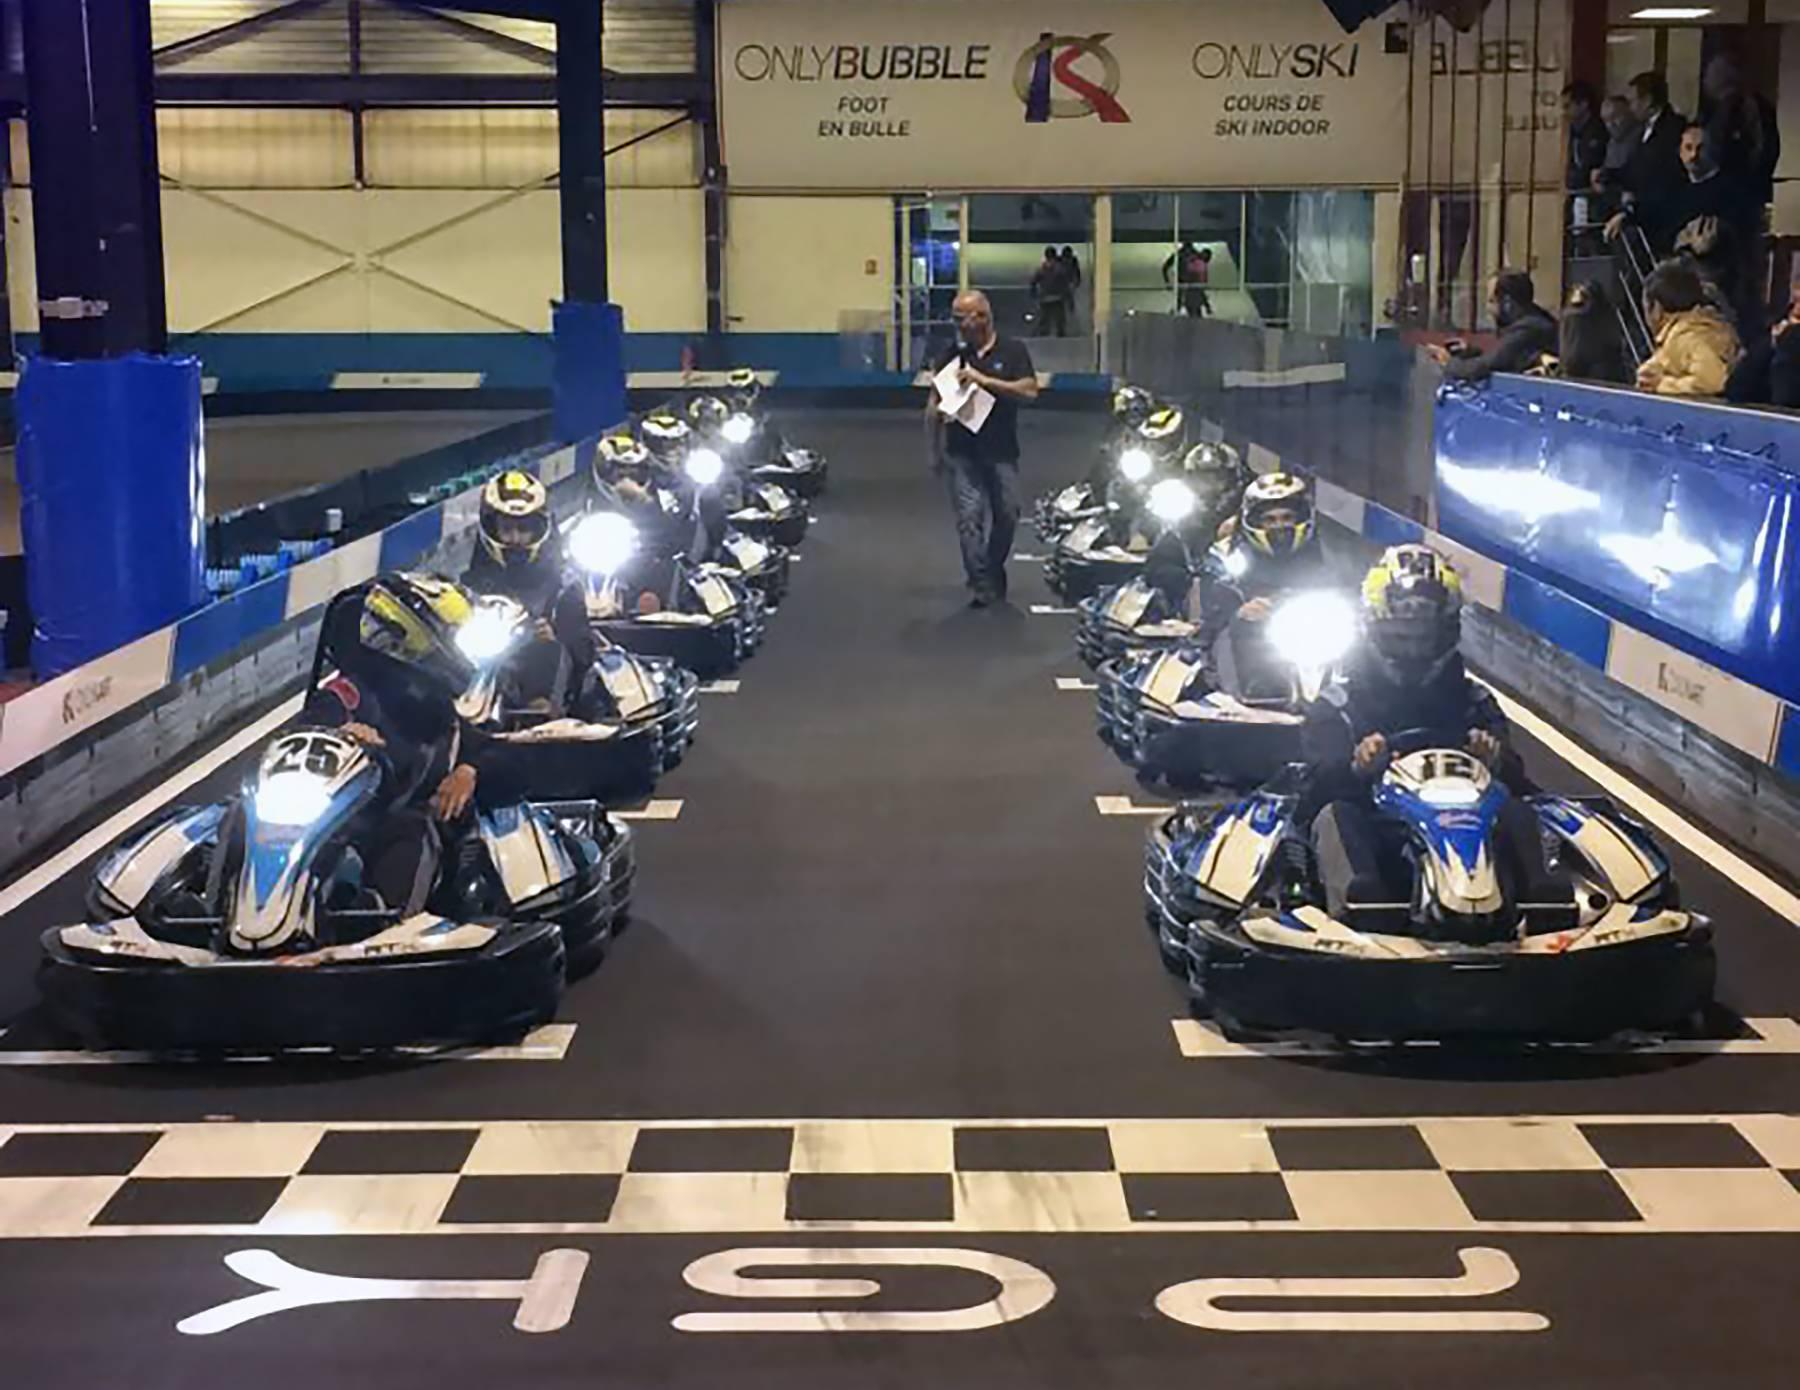 grand prix karting pour EVG près de lyon